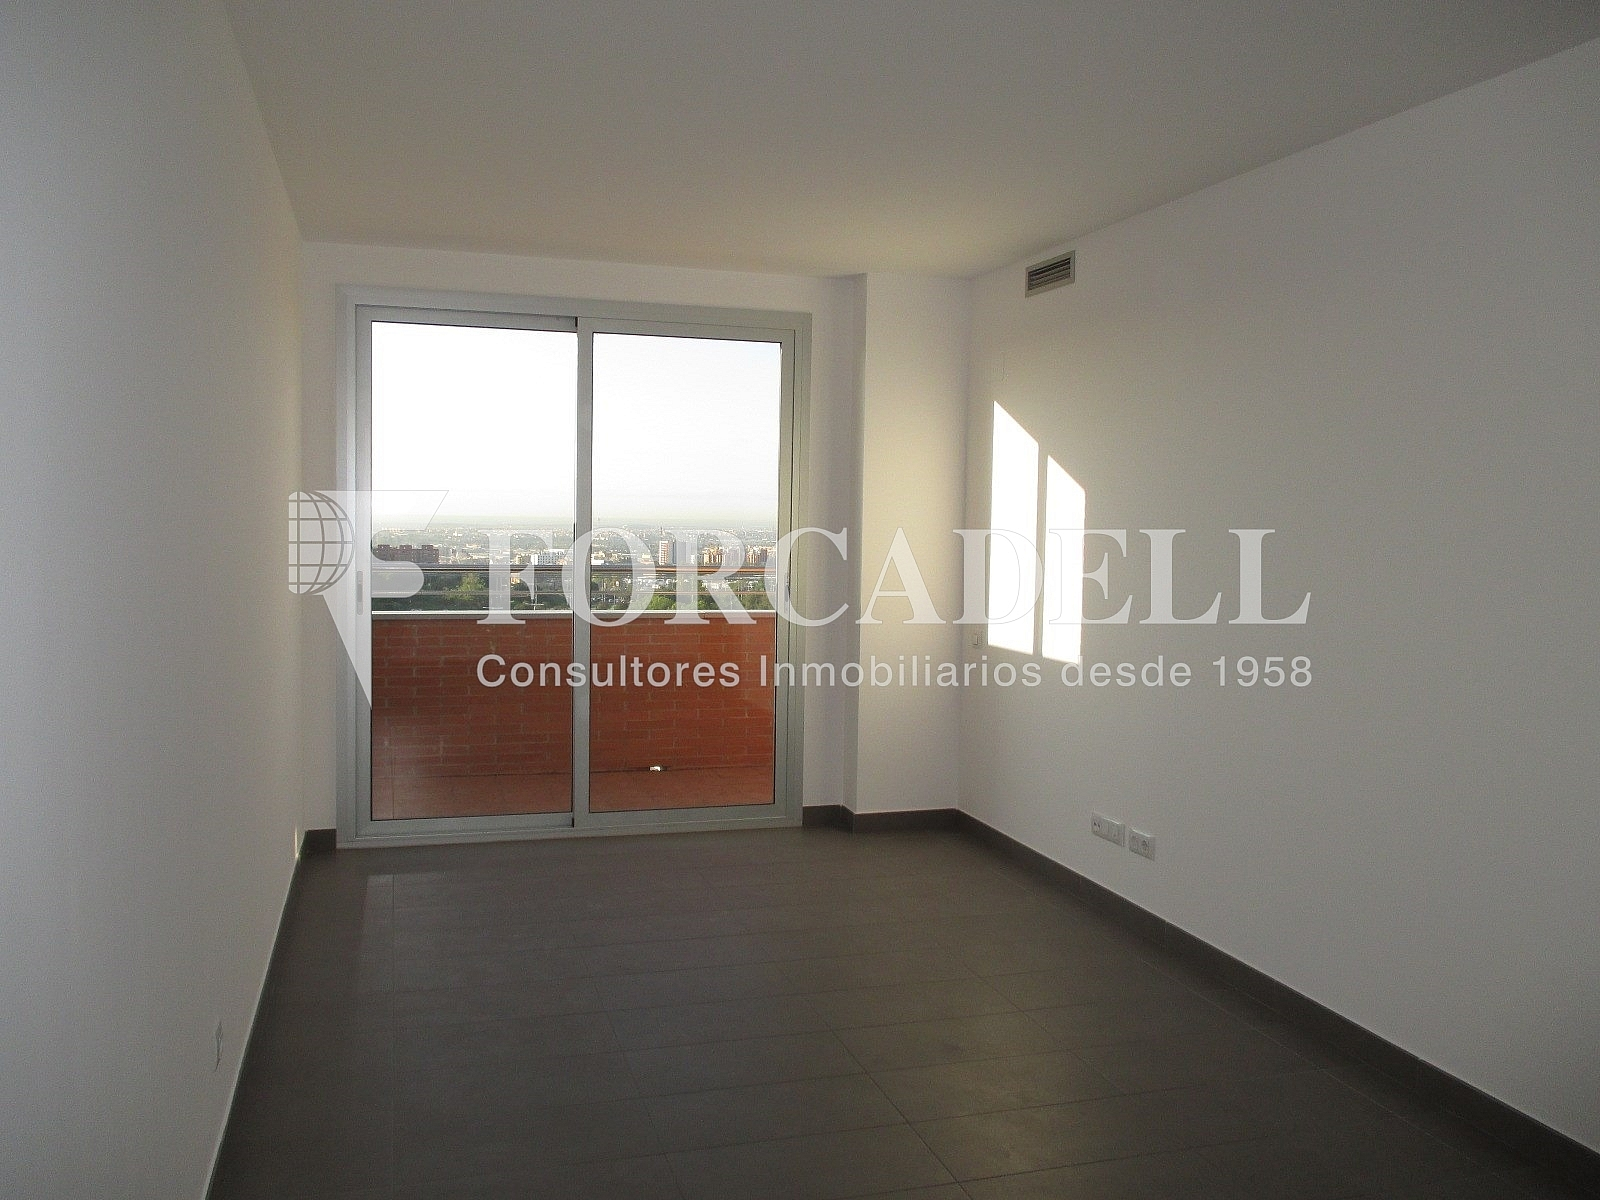 IMG_2687 - Piso en alquiler en calle Merce Rodoreda, Can clota en Esplugues de Llobregat - 331432101